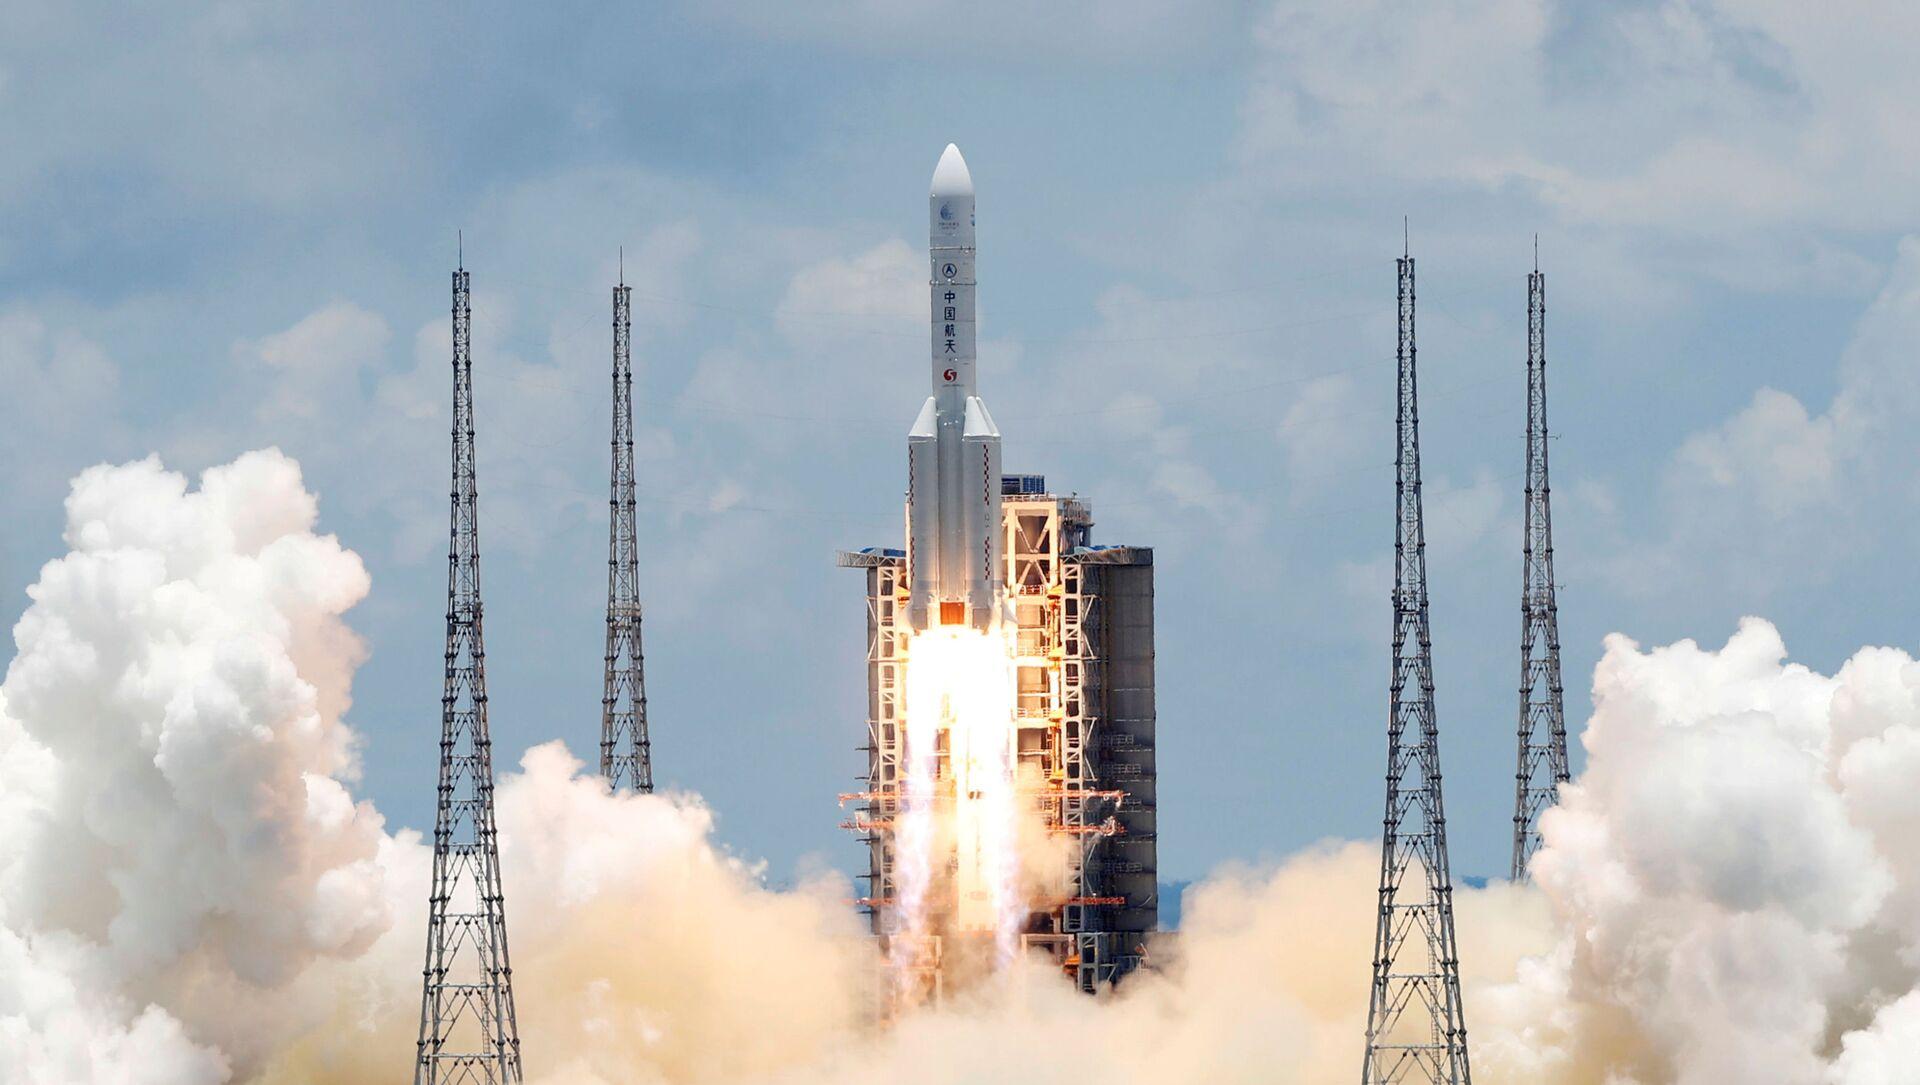 El cohete Long March 5 Y-4, que lleva la sonda china Tianwen-1 a Marte - Sputnik Mundo, 1920, 10.02.2021